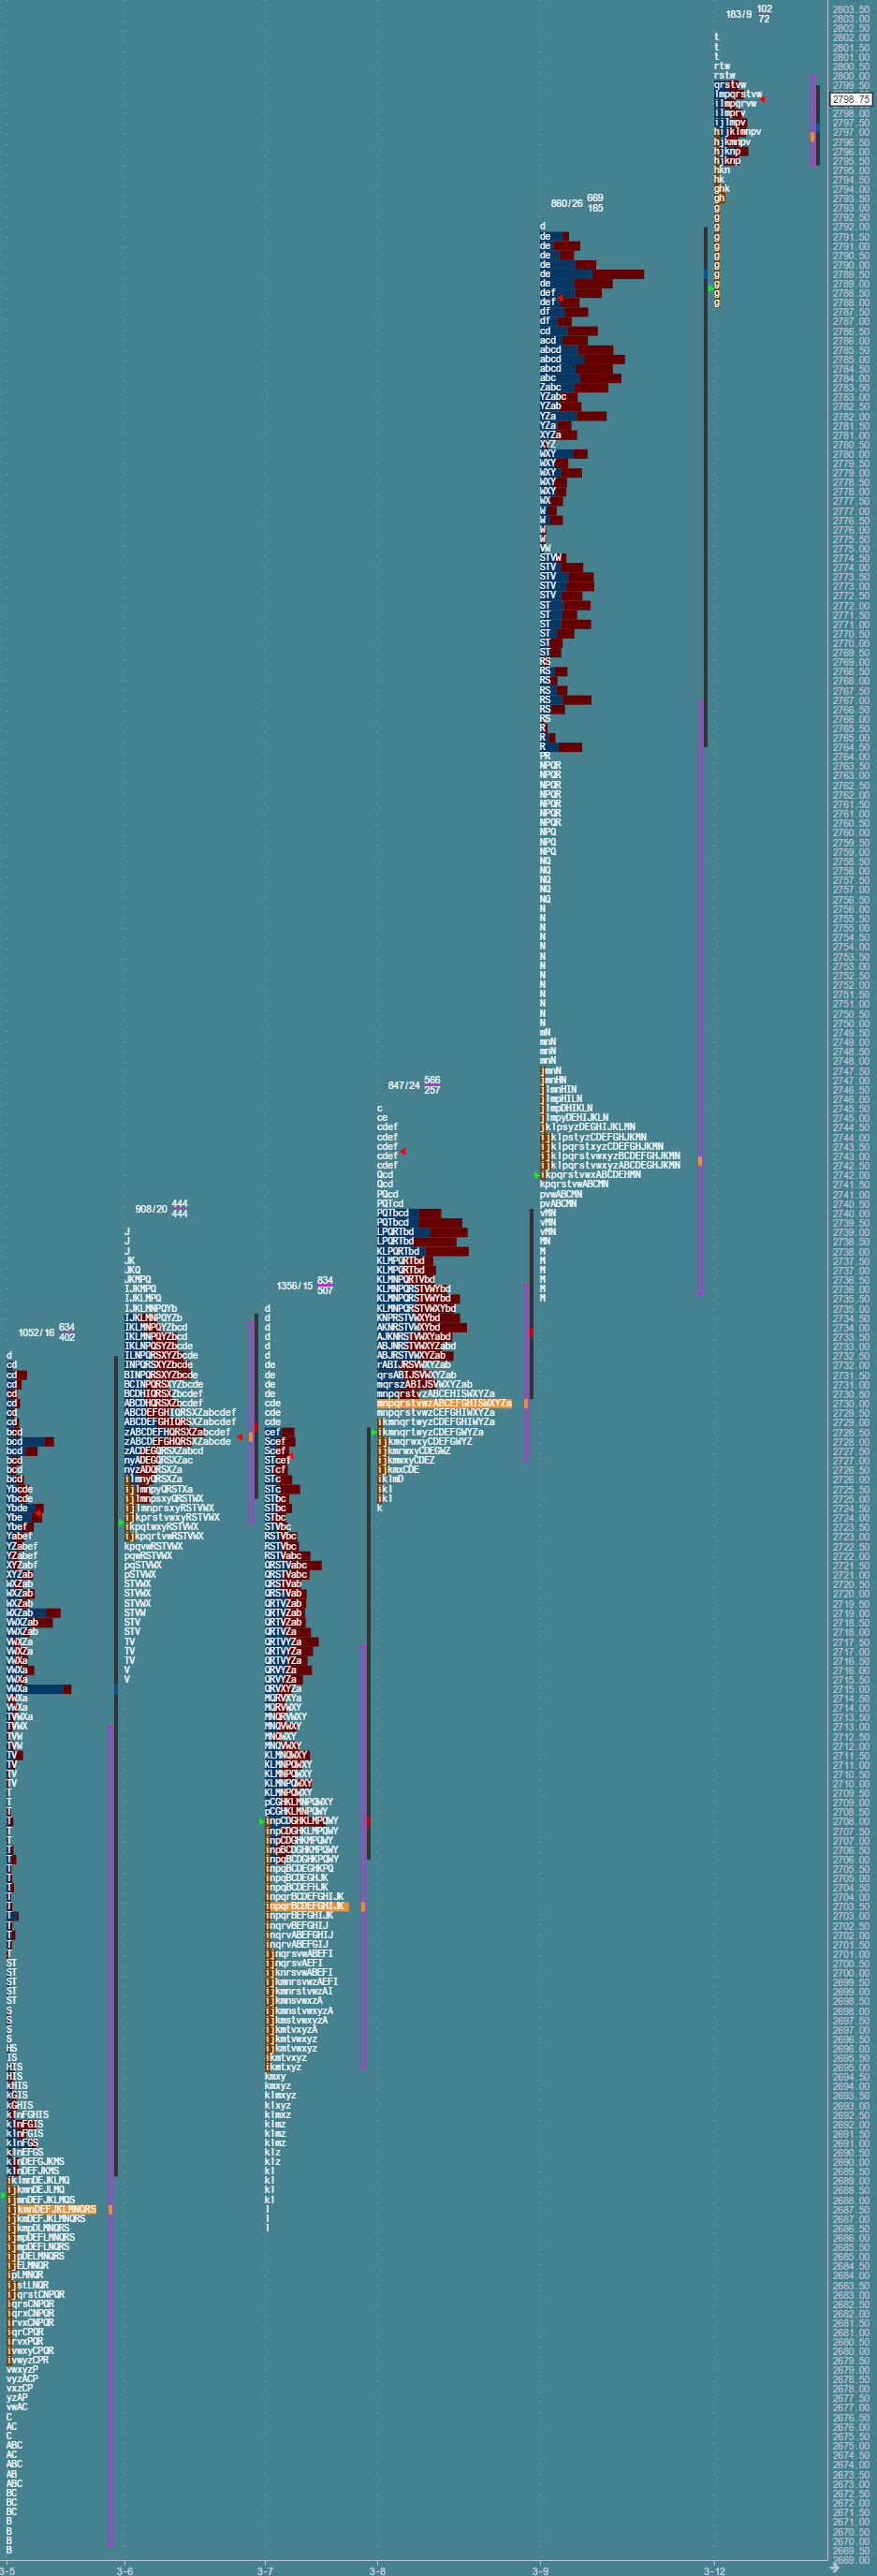 Przygotowane do sesji: market profile z 12 marca